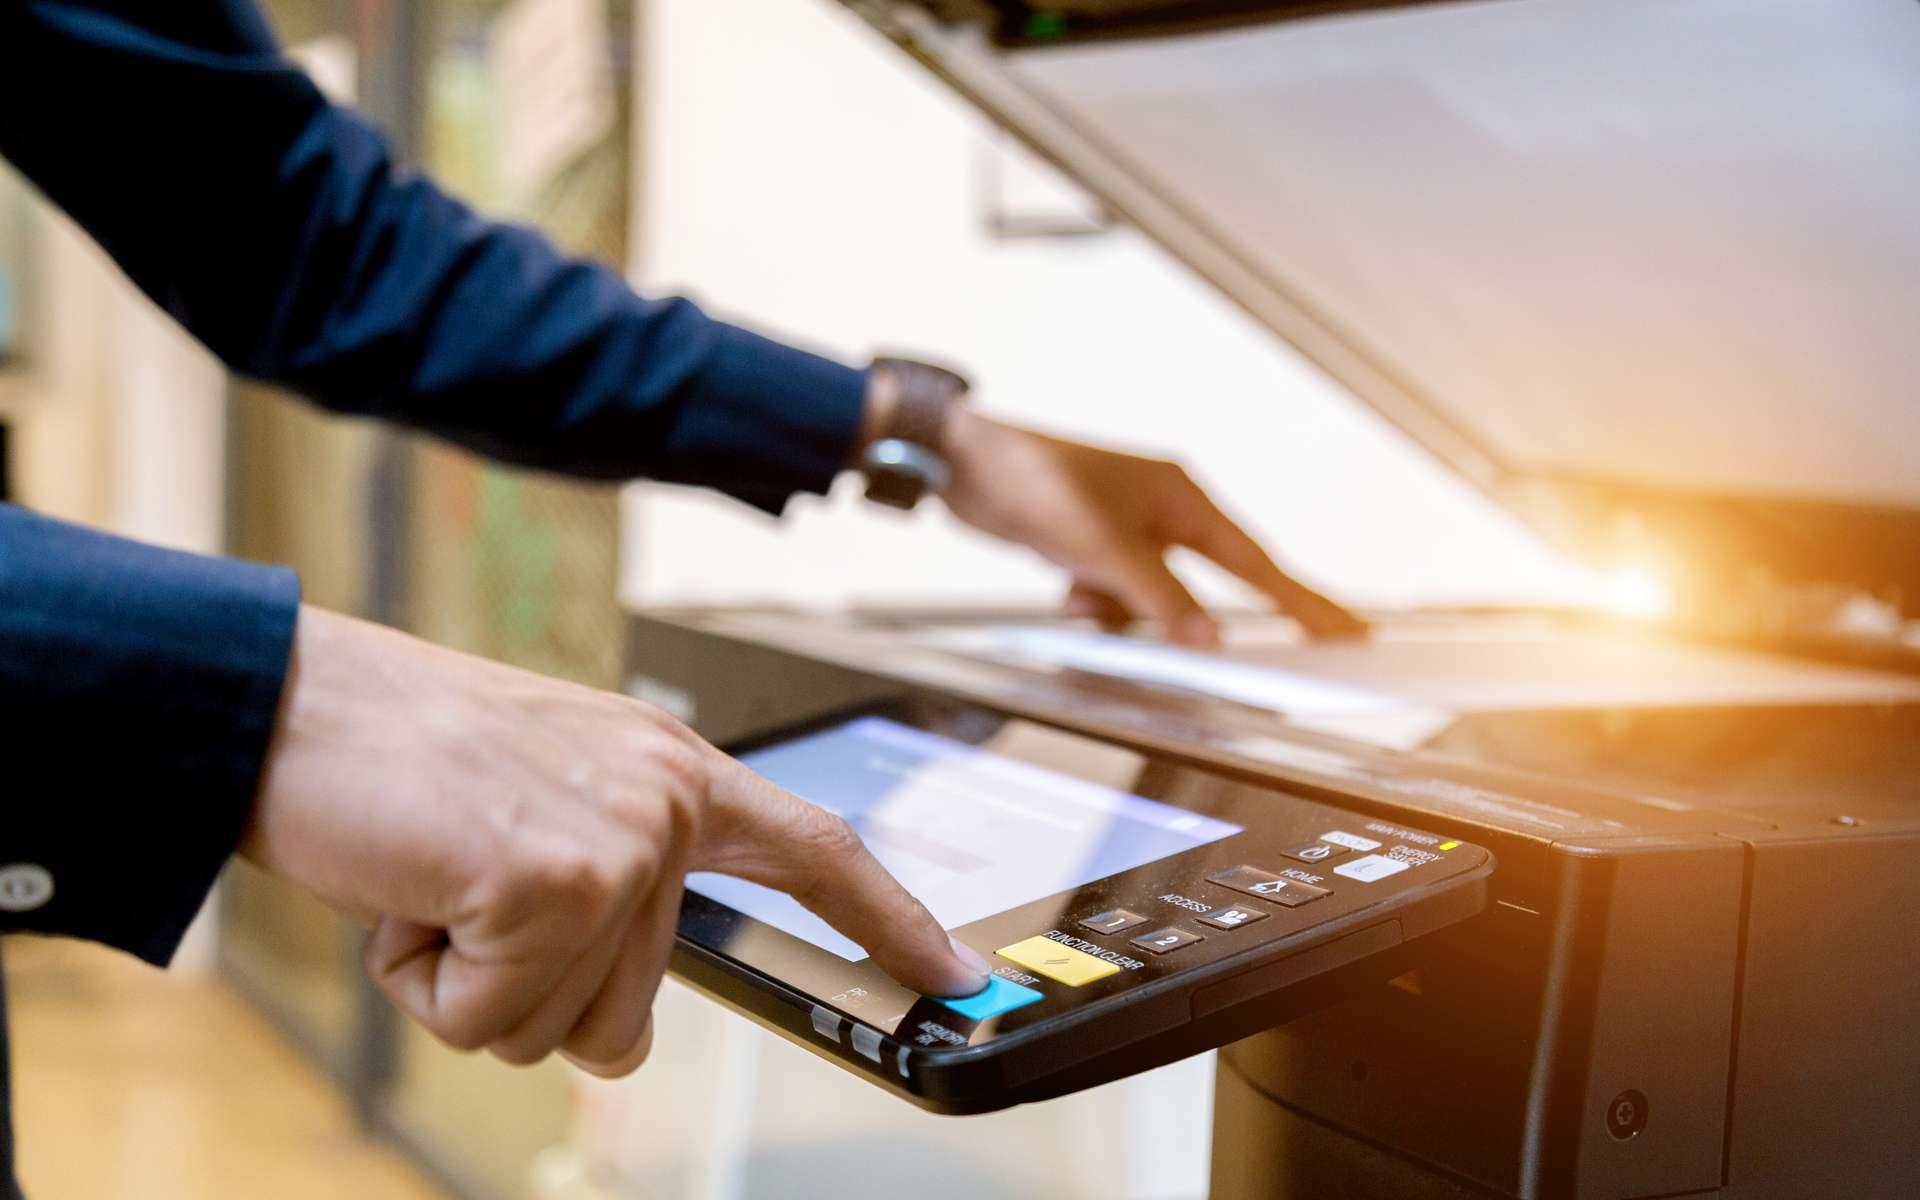 Aujourd'hui, la plupart des imprimantes disposent d'un scanner. © A Stockphoto, Adobe Stock